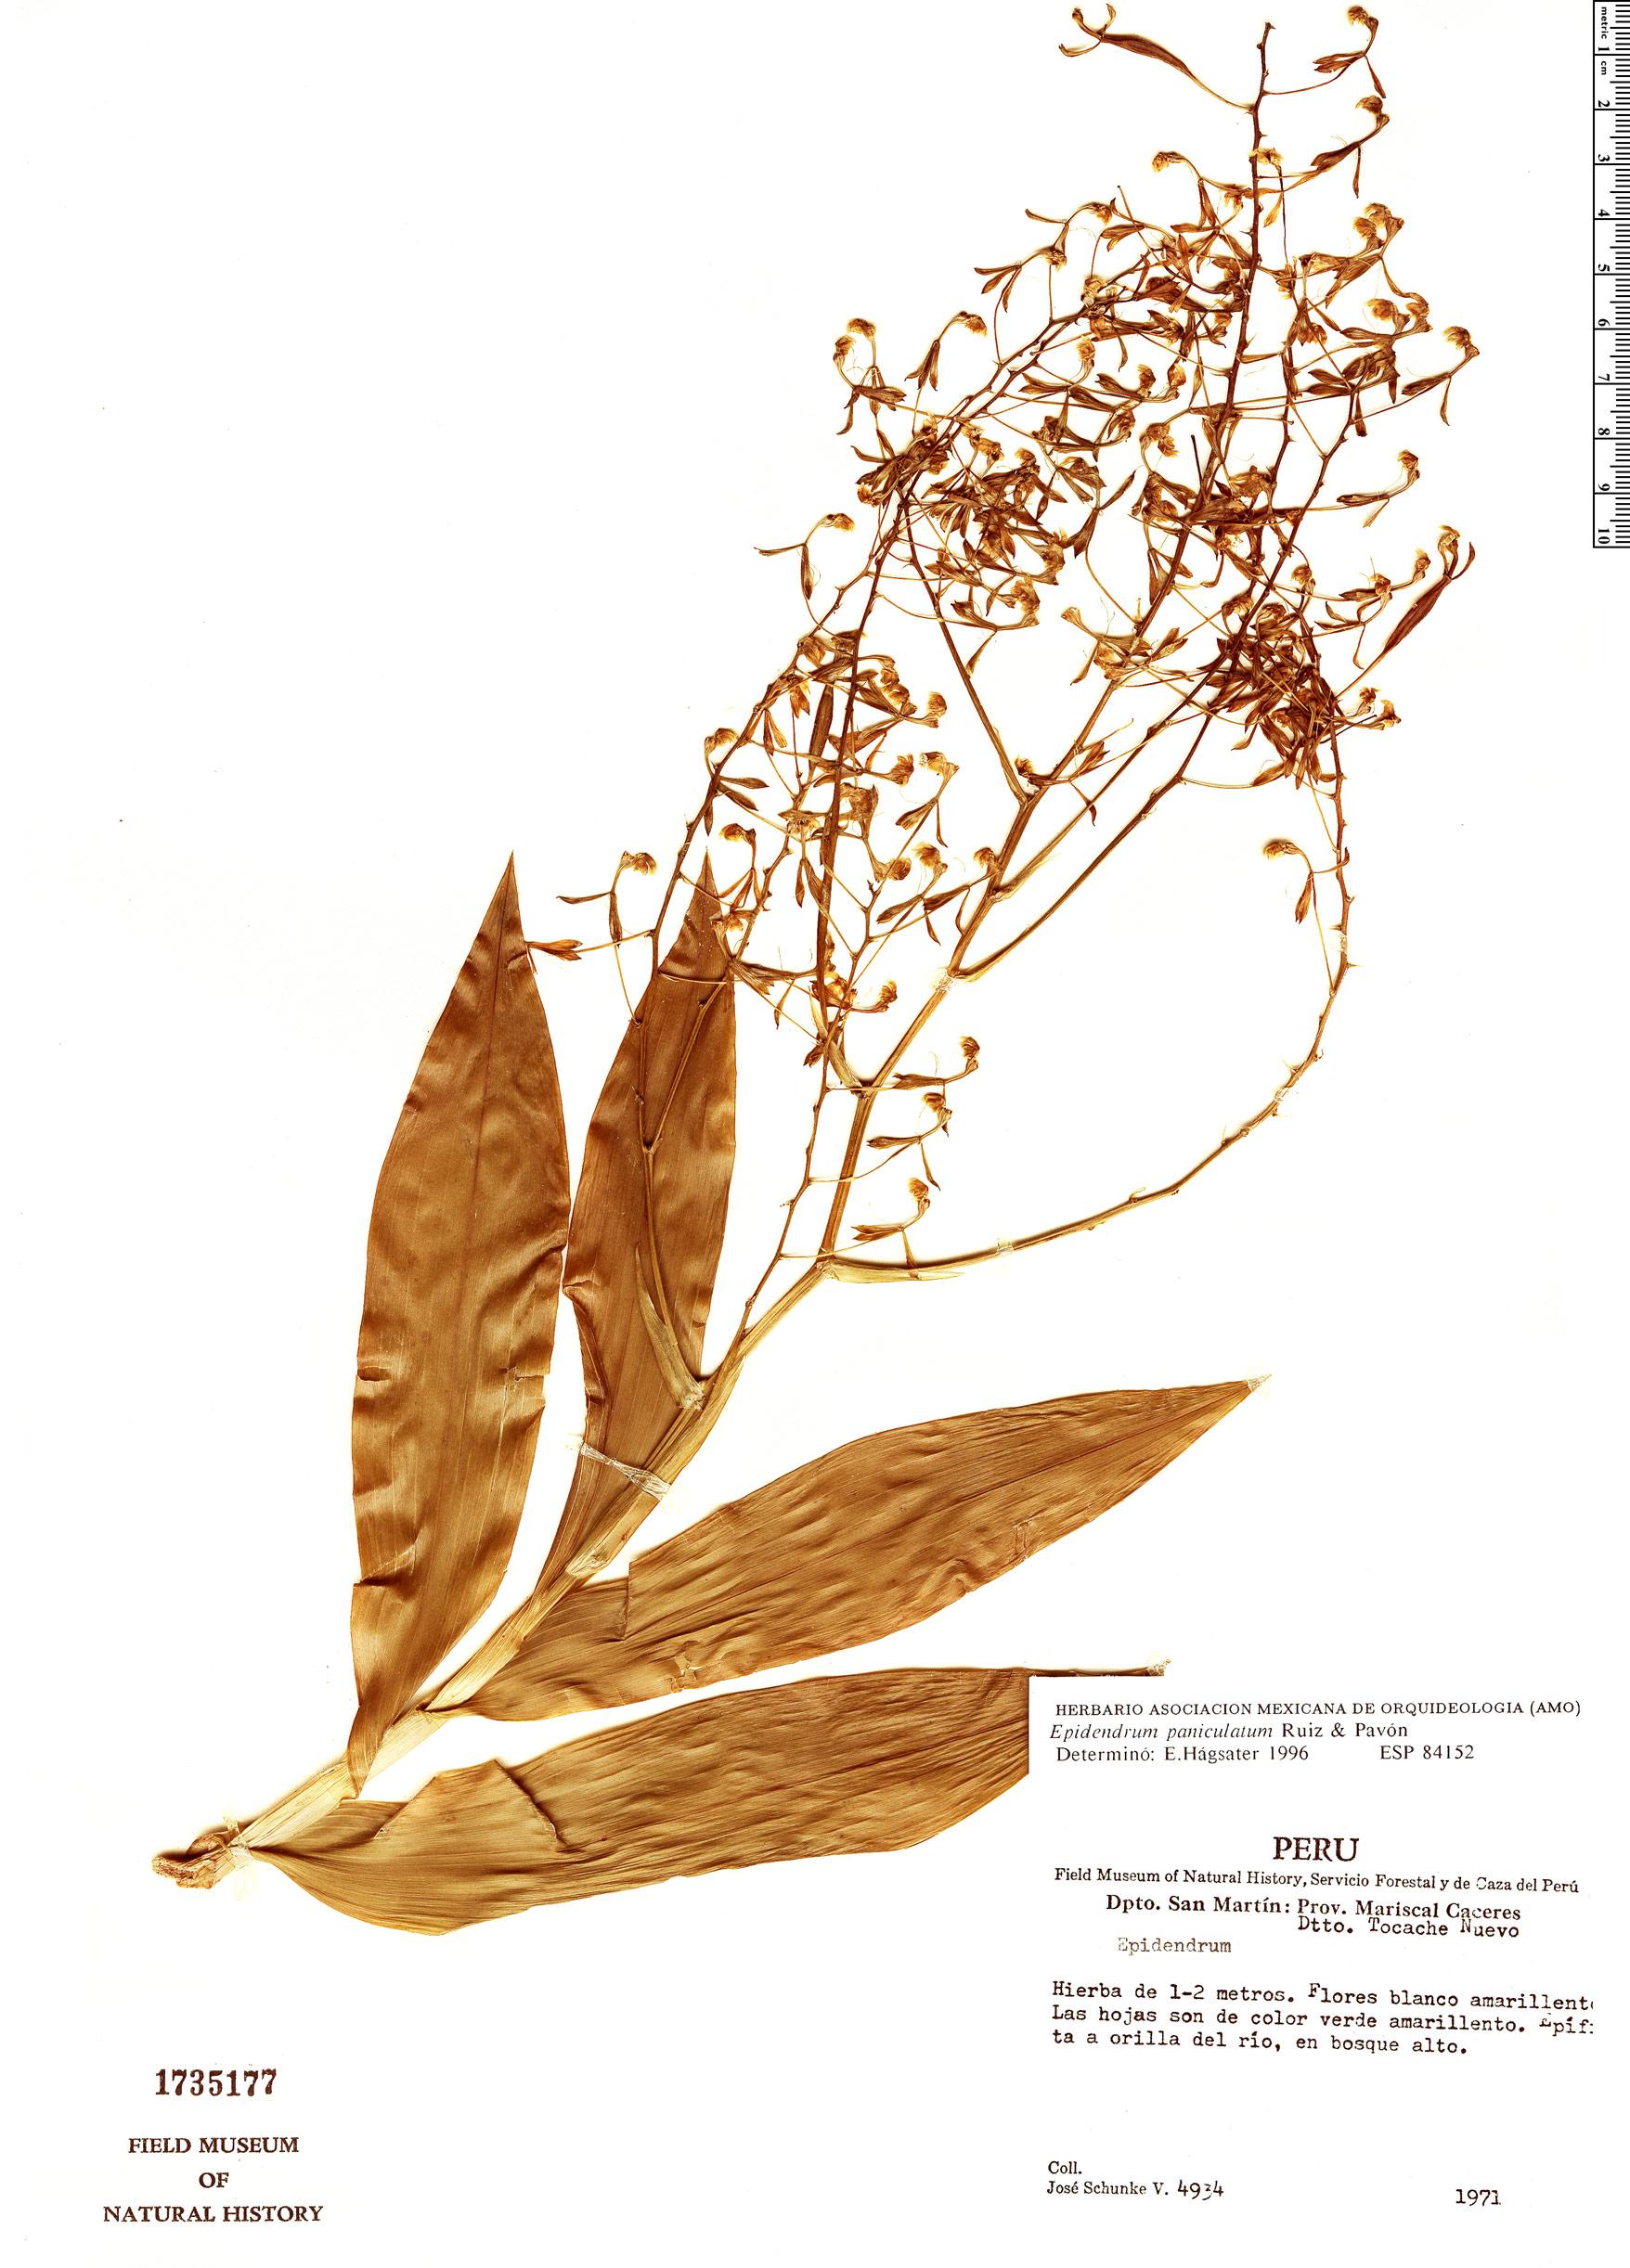 Specimen: Epidendrum paniculatum